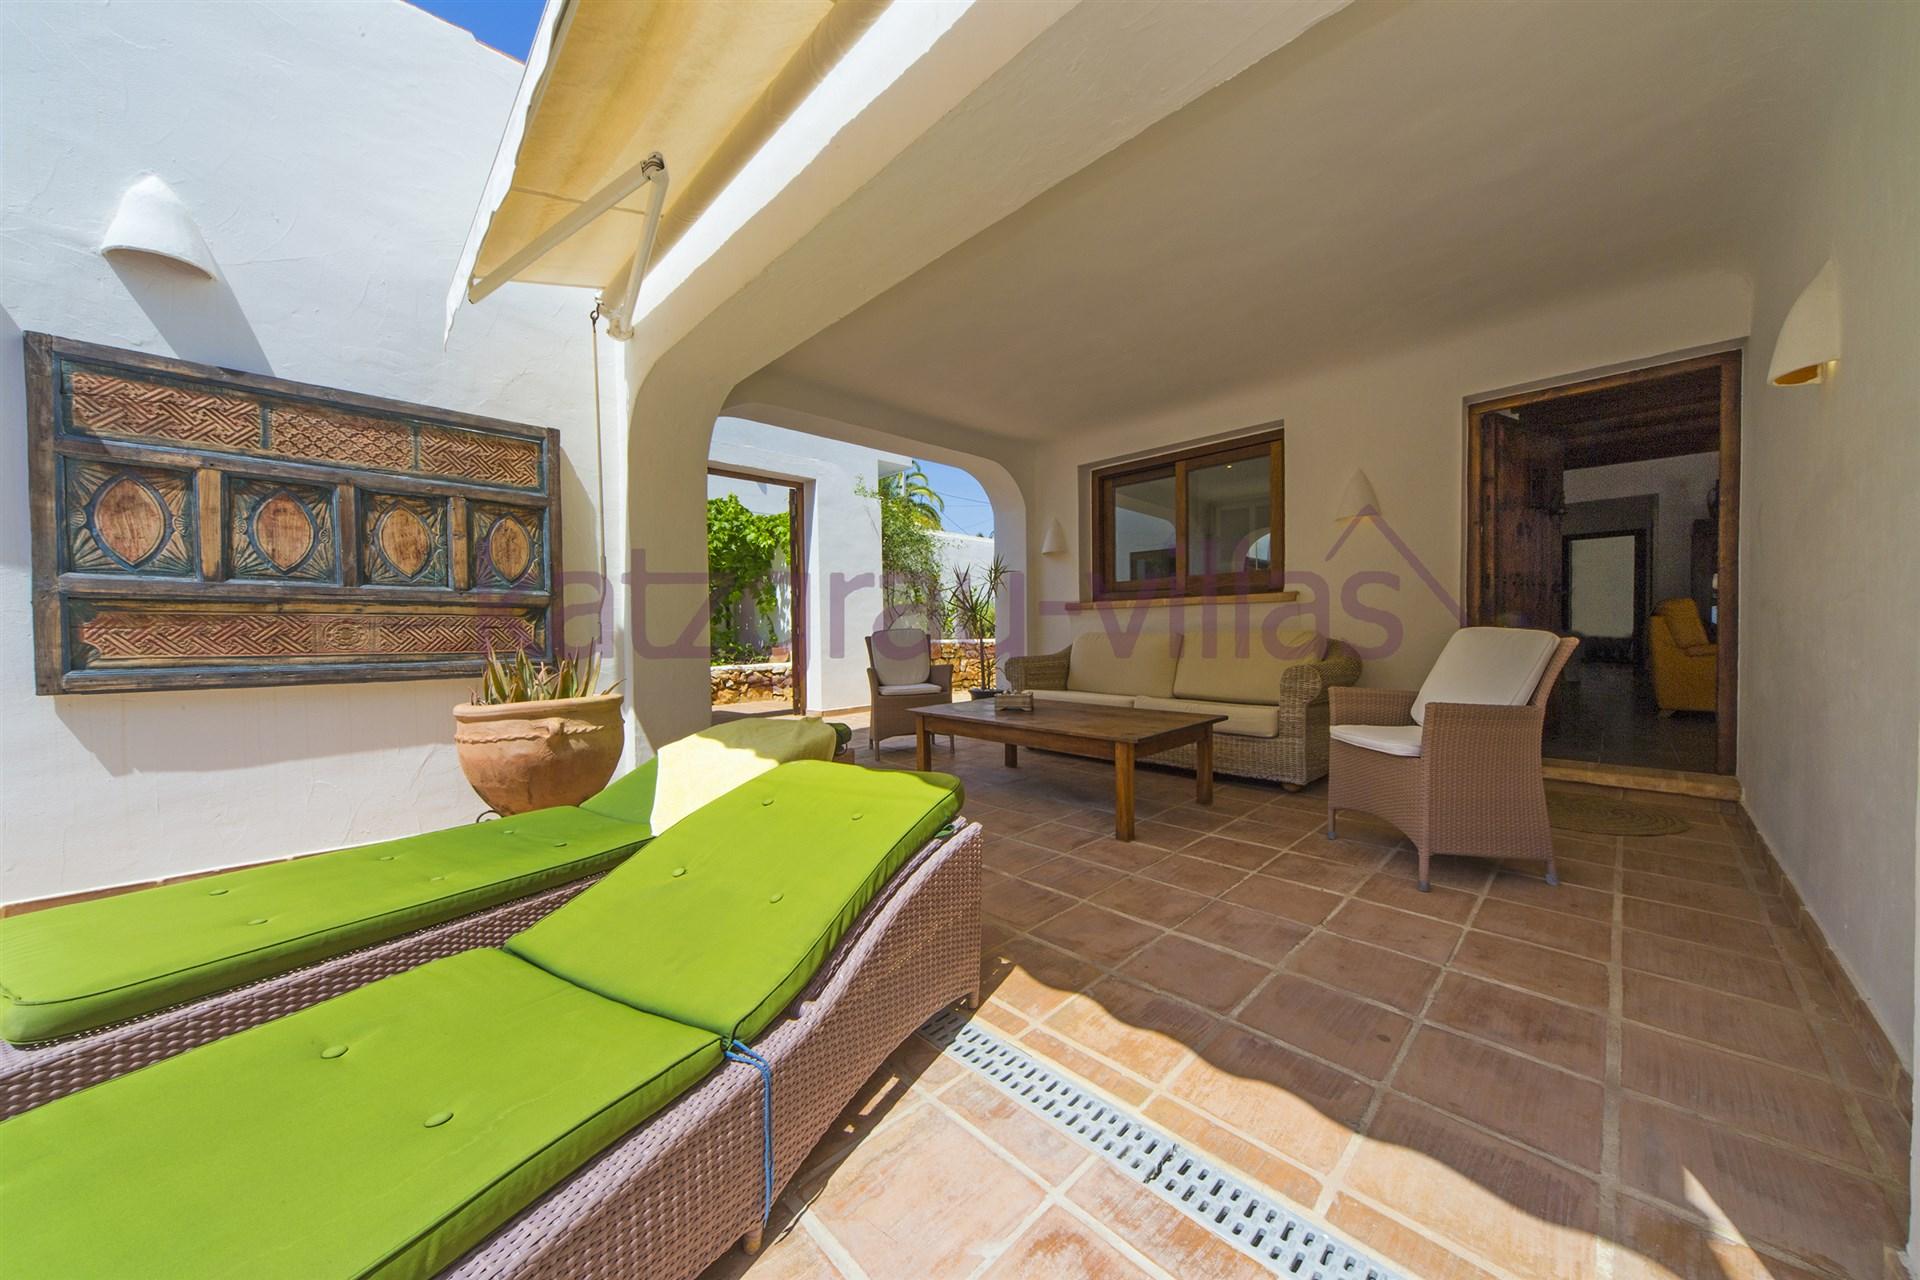 Villa exclusiva en alquiler en moraira alicante casa portet alquiler de villa de lujo en - Alquiler casas de lujo ...